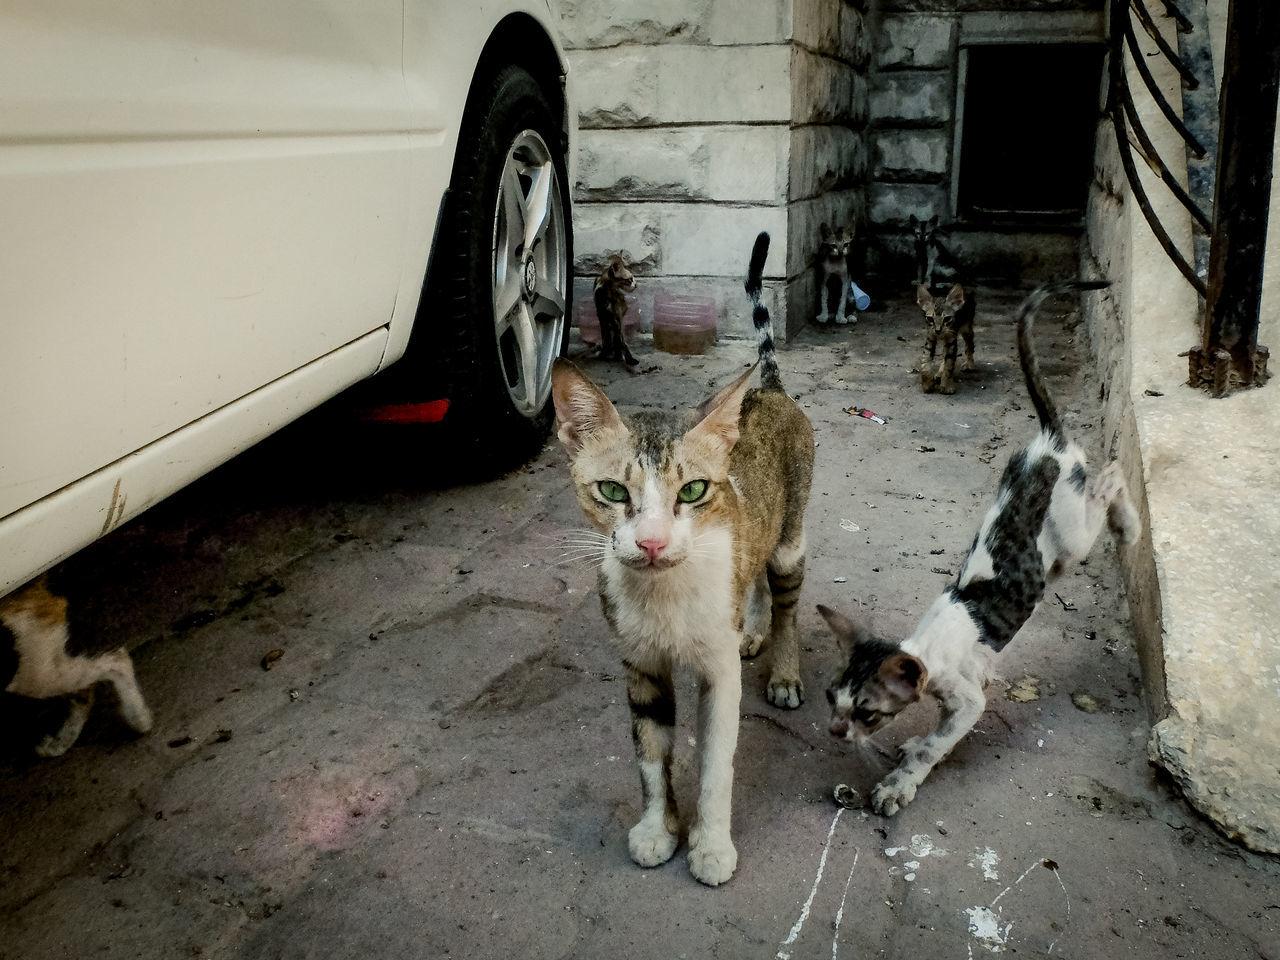 Stray kittens on street